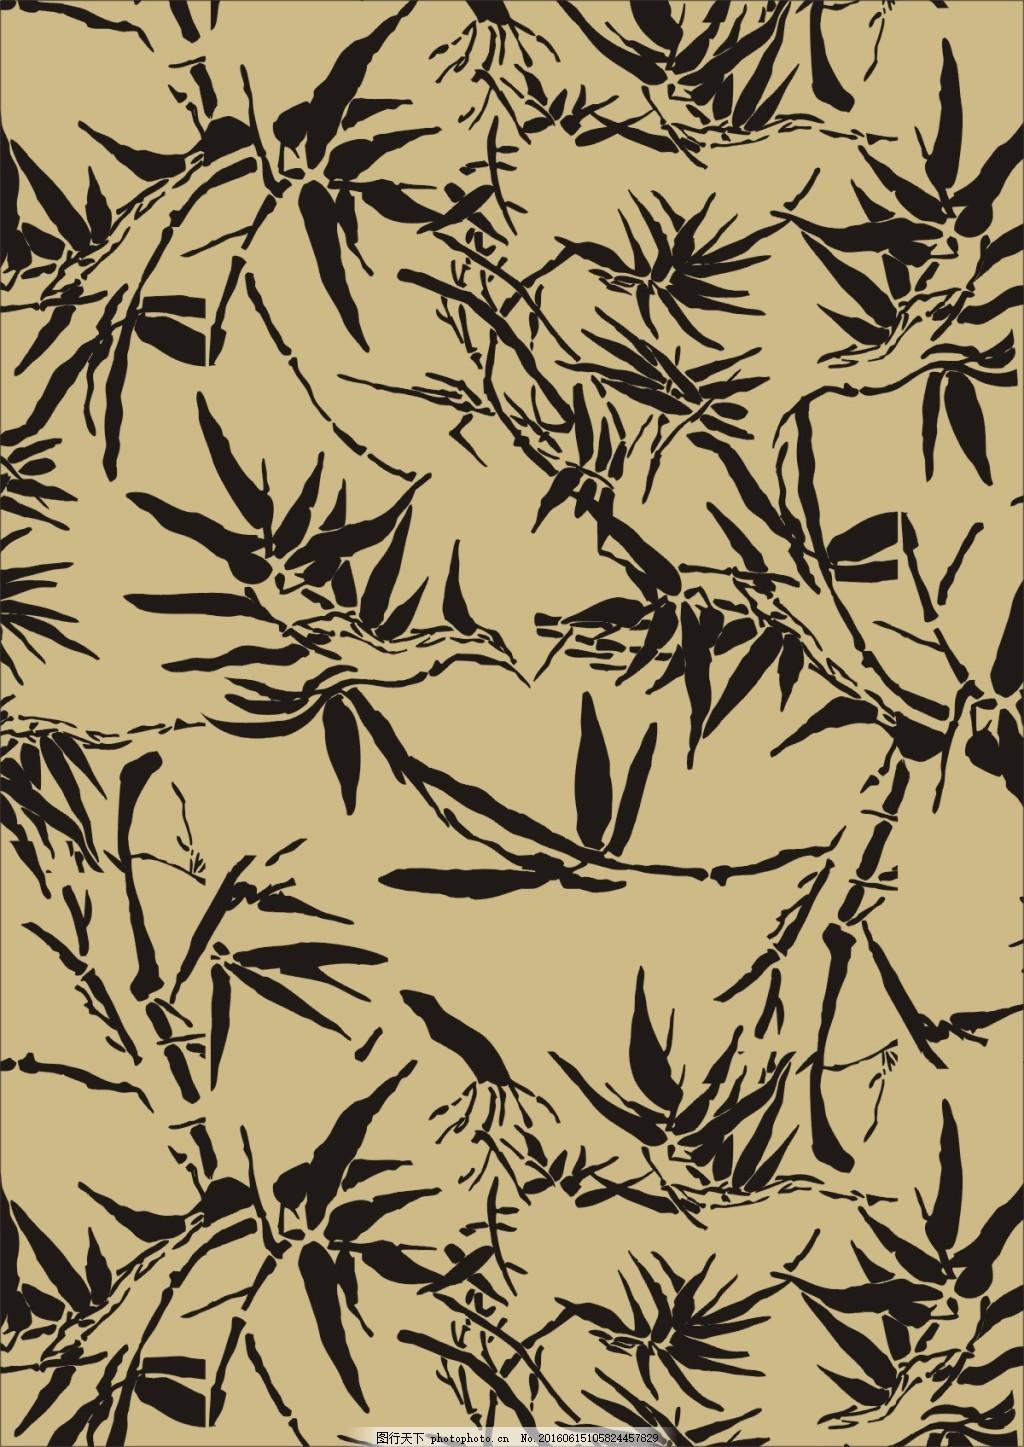 多边形 抽象 无缝印花 底纹 花纹 花边 纹路 服装 辅料 平面 矢量图